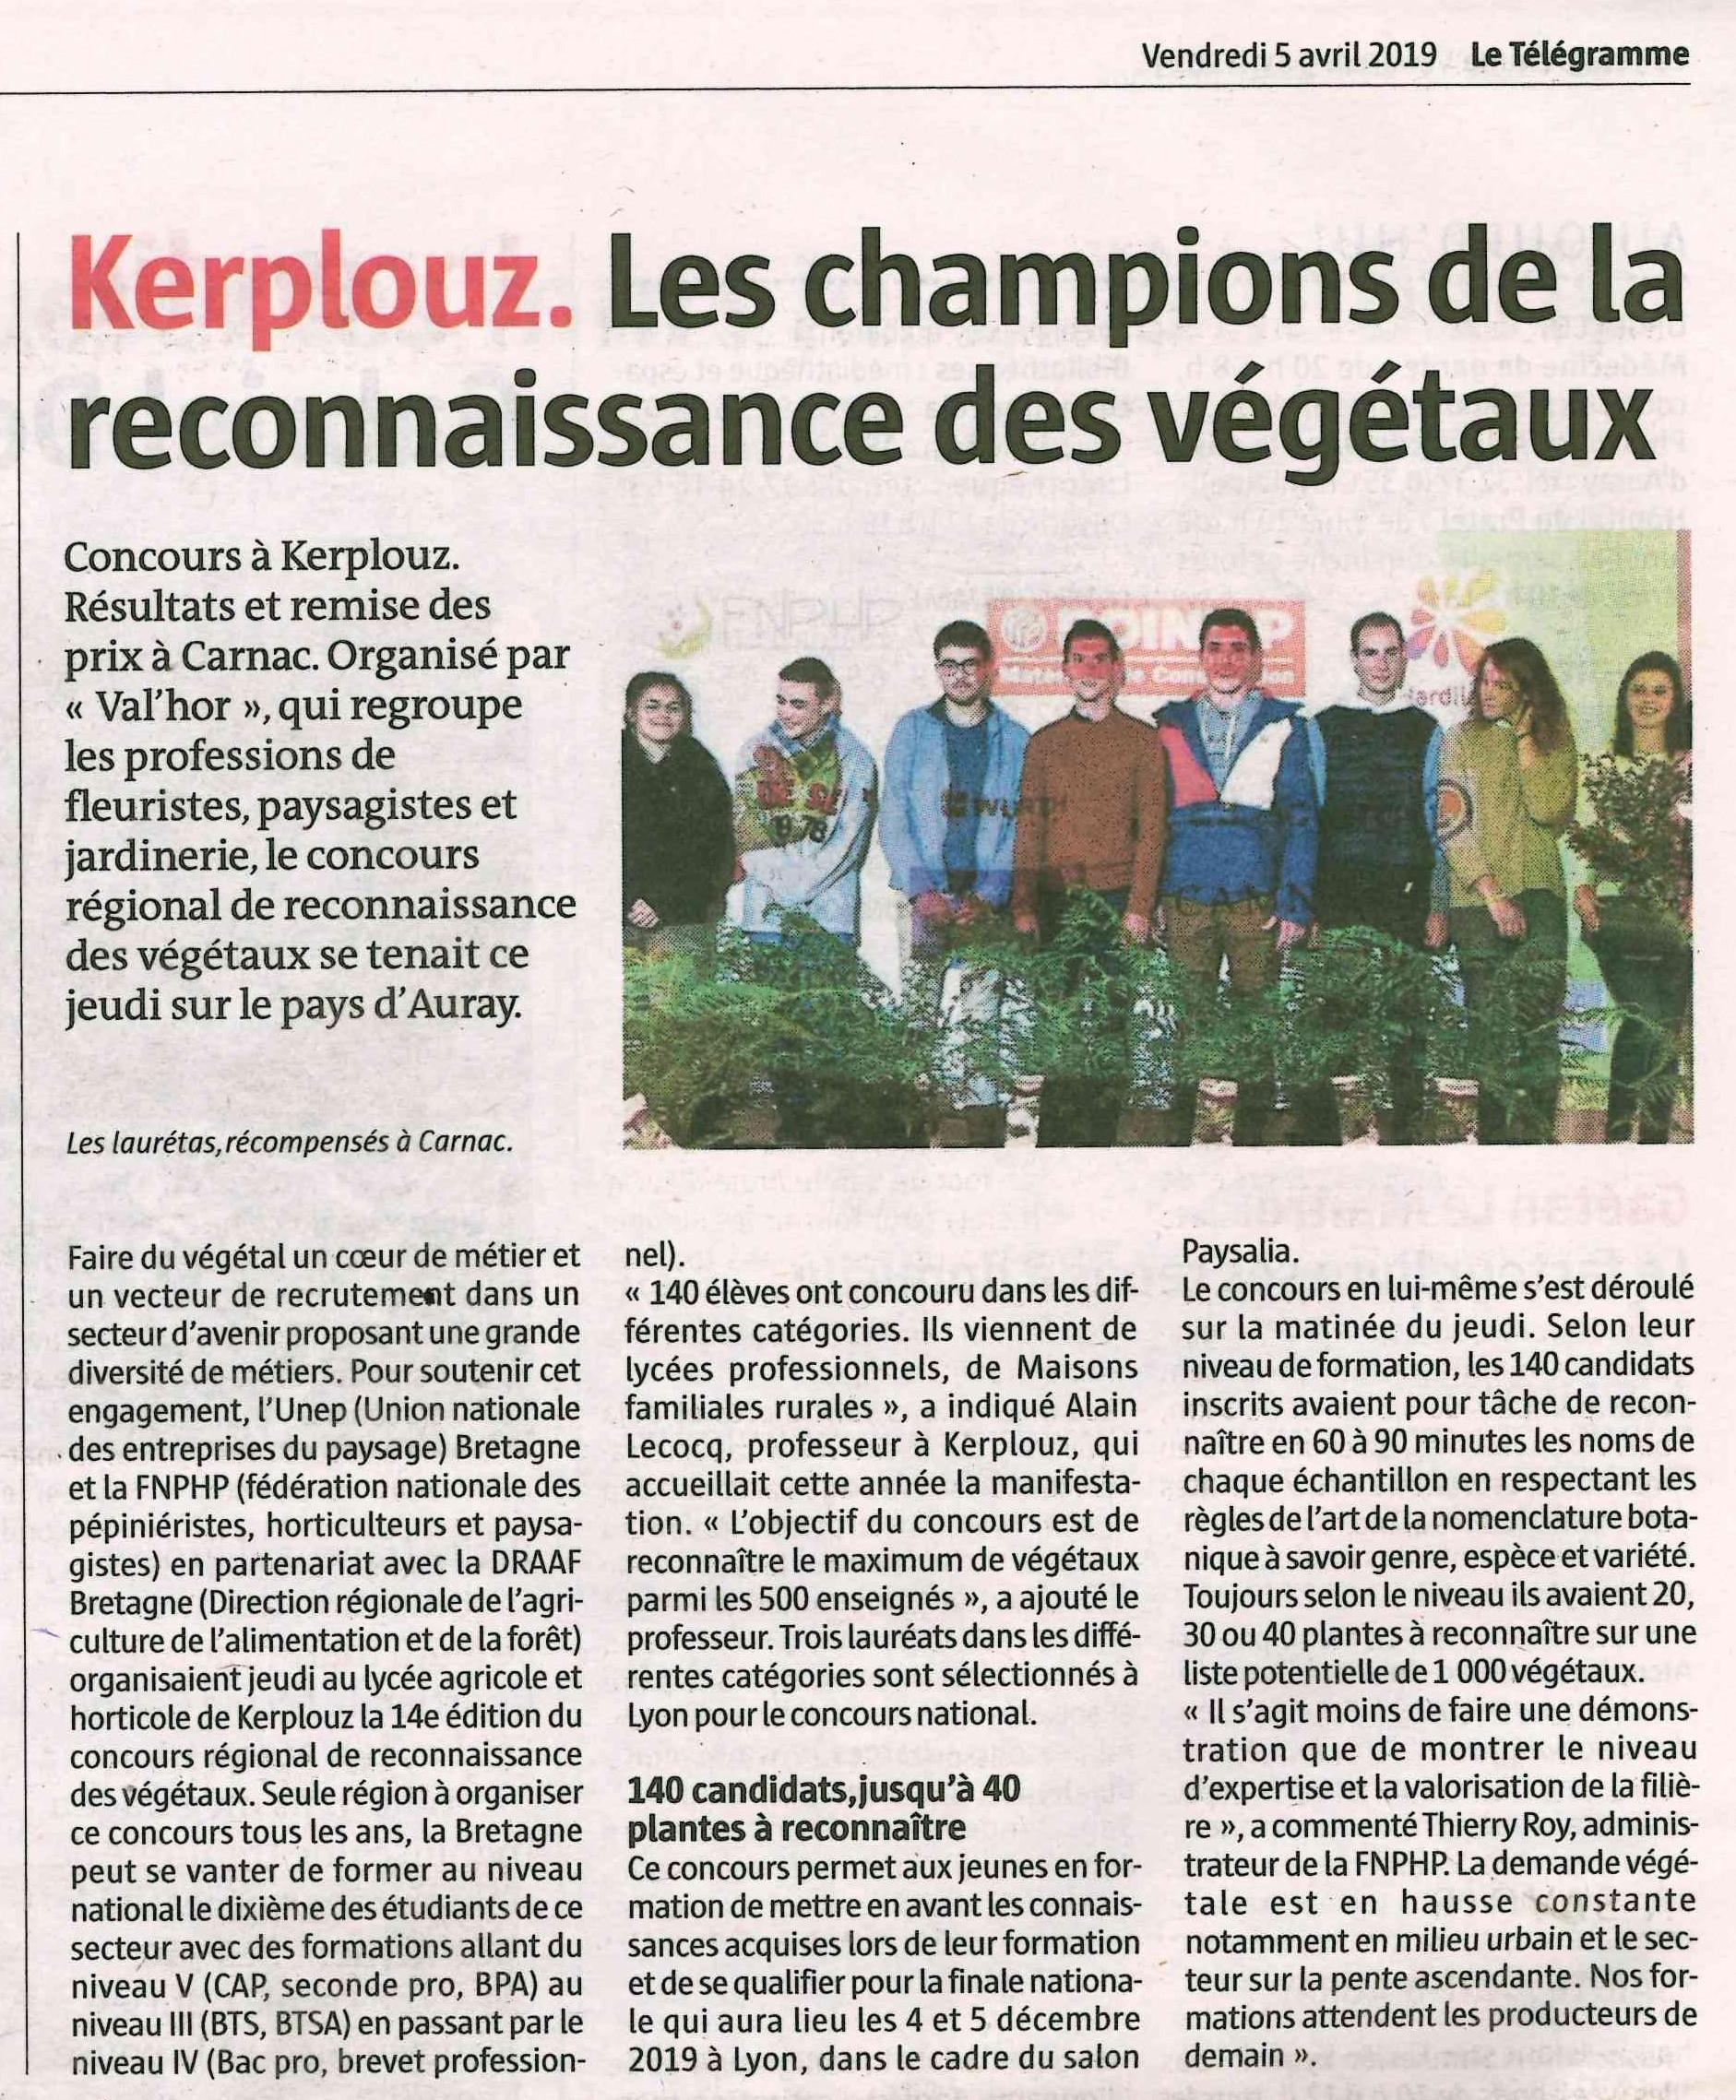 Les champions de la reconnaissance des végétaux